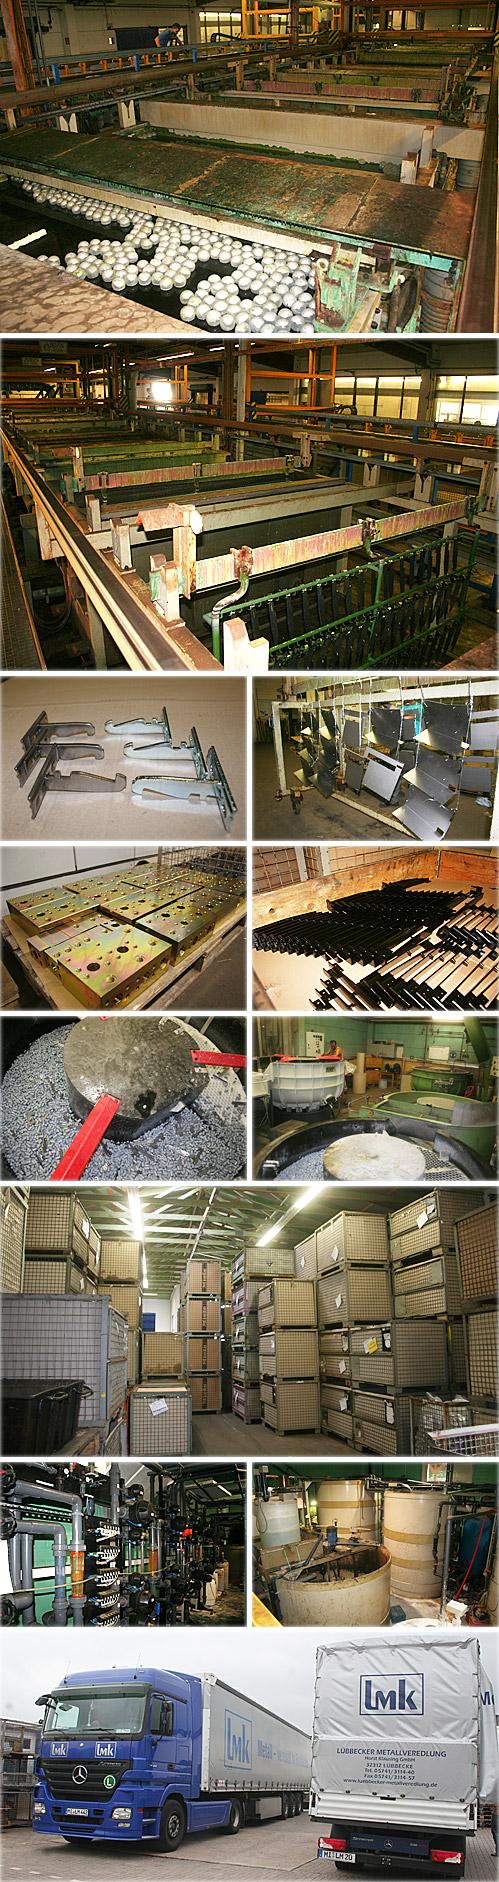 Was als Metallschleiferei und Poliererei begann, hat sich dank der Innovationsfreude und der für einen Unternehmer unerlässlichen Risikobereitschaft zu einem Spezialbetrieb für Oberflächen-Veredelung entwickelt: Mitte der 1960-er Jahre gründete Horst Klausing sein Familienunternehmen Lübbecker Metallveredelung Klausing (LMK) - damals noch in Räumen an der Gerbergasse im Stadtzentrum von Lübbecke, baute es kontinuierlich aus und zog 1982 in einen Neubau im Industriegebiet an der Boschstraße 5 um. In der neuen Halle mit 600 Quadratmetern beschäftigte er drei Mitarbeiter. Heute beträgt die Produktionsfläche rund 3.000 Quadratmeter, und LMK hat 37 Beschäftigte. 2002 trat Sohn Denis nach Beendigung seiner Ausbildung zum Galvanotechniker und Meister als weiterer Geschäftsführer in das Familienunternehmen ein.